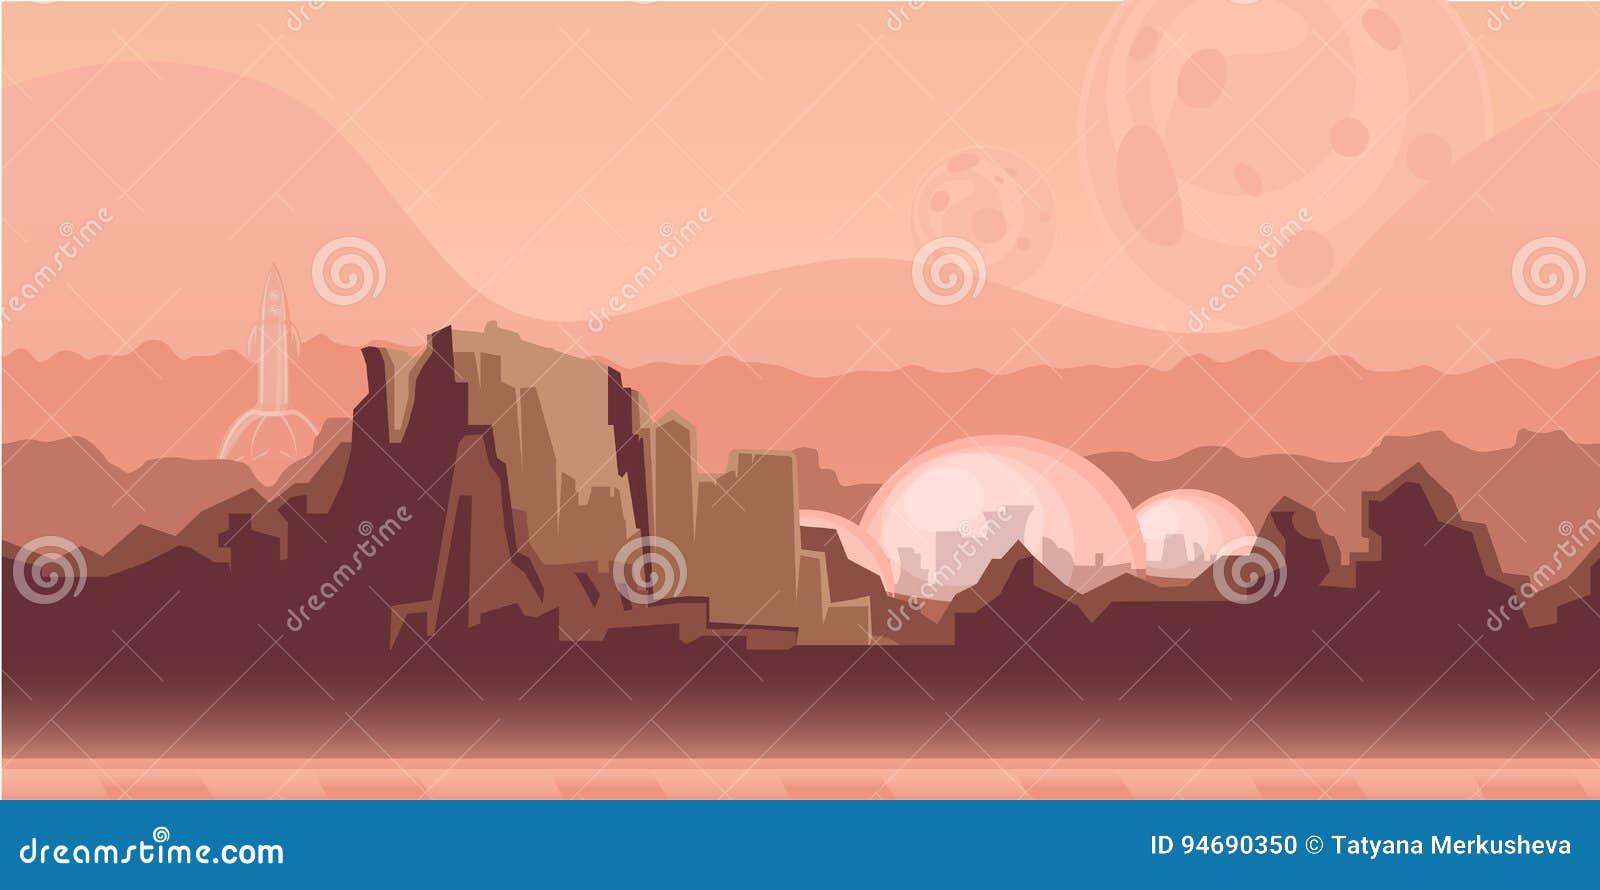 Fondo interminable inconsútil para el juego o la animación Superficie del planeta Marte con las montañas, acuerdo del espacio y